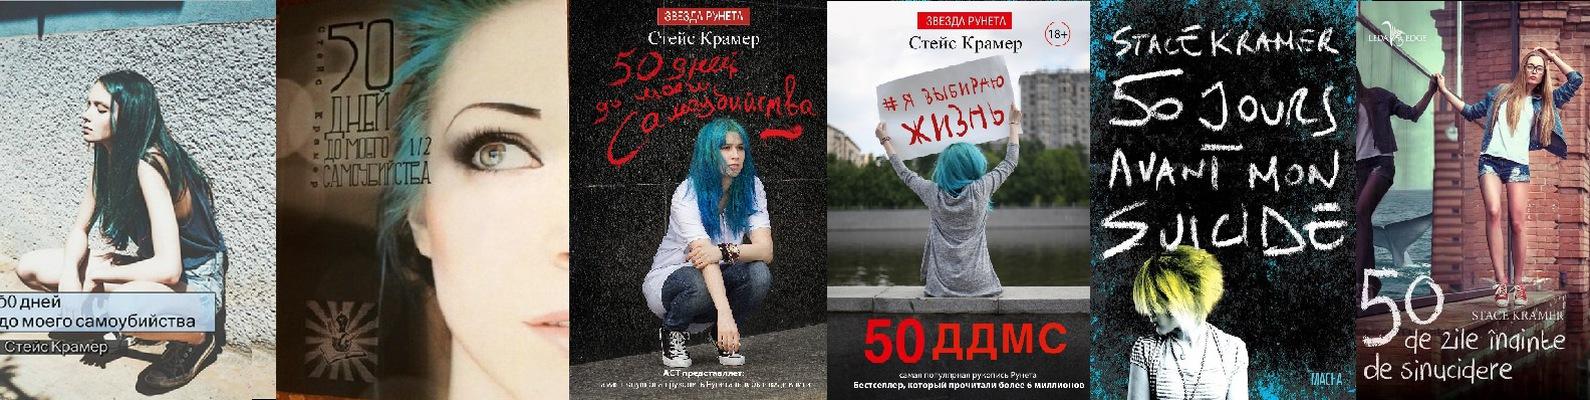 50 ДНЕЙ ДО МОЕГО САМОУБИСТВА СТЕЙС КРАМЕР СКАЧАТЬ БЕСПЛАТНО